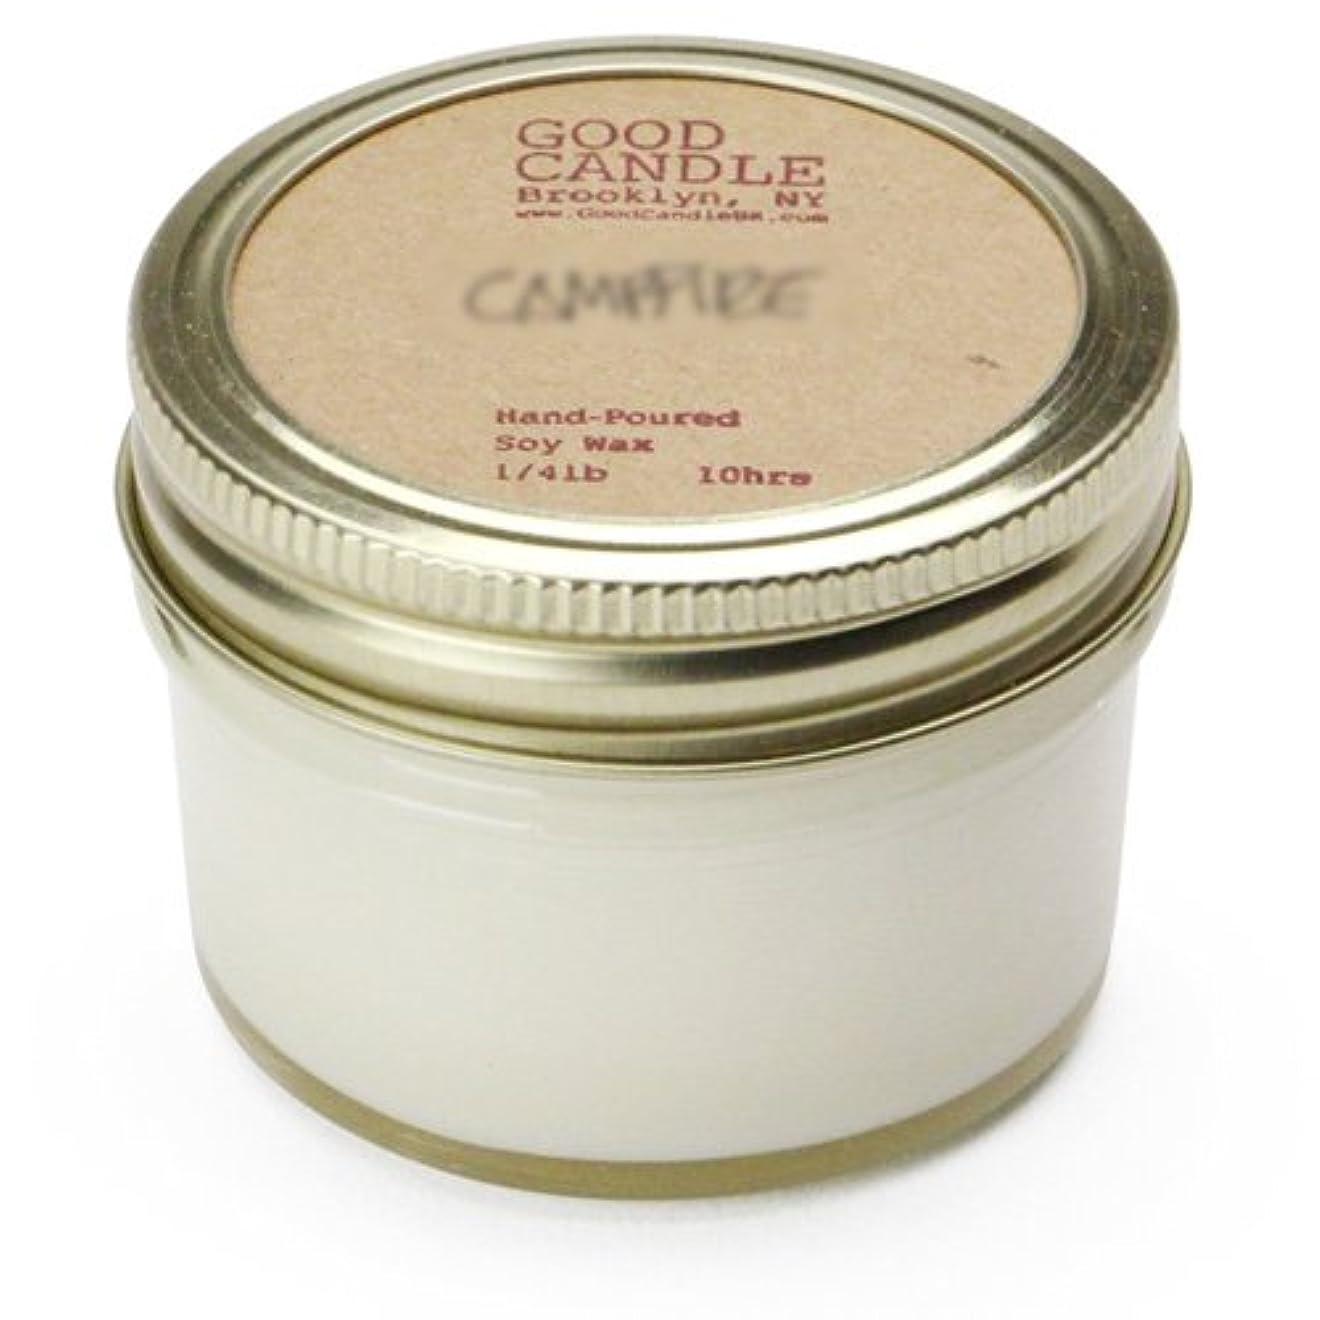 最大の摩擦解読するグッドキャンドル 1/4ポンド ゼリージャー キャンドル Good Candle 1/4LB Jelly jar candle [ bayberry ] 正規品